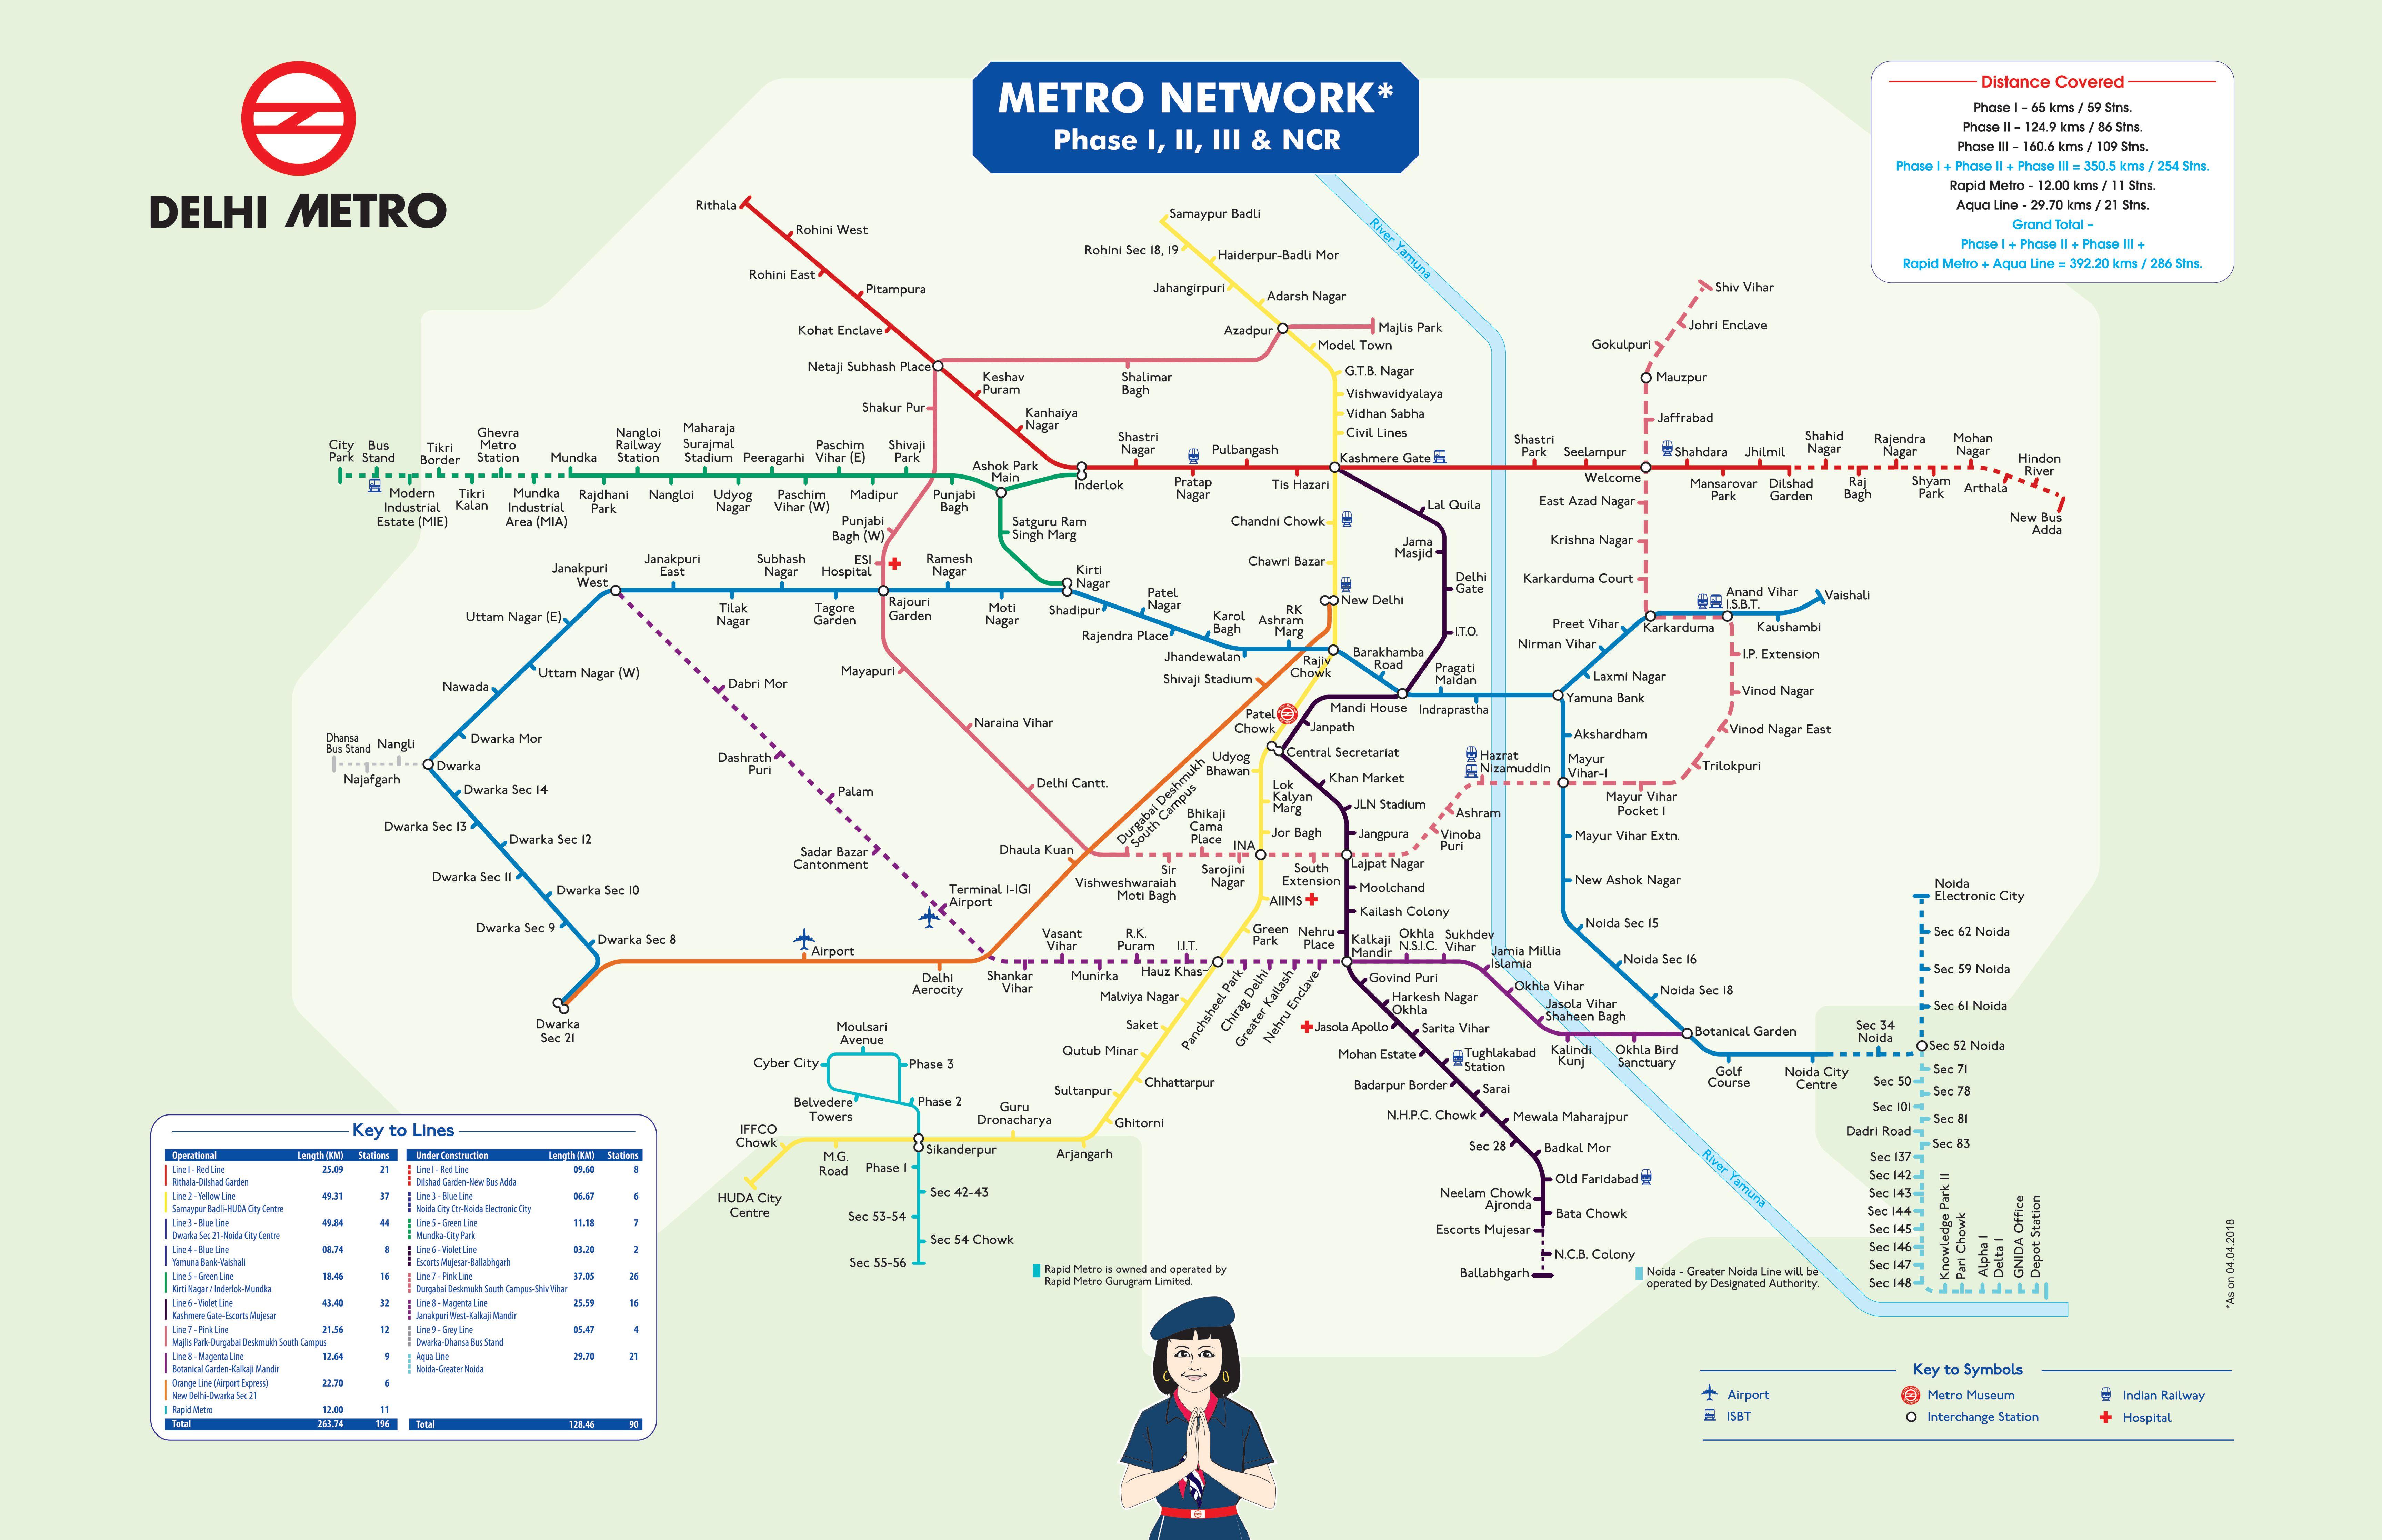 Udoben Karta Na Metro Zhp Mrezhata Na Delhi